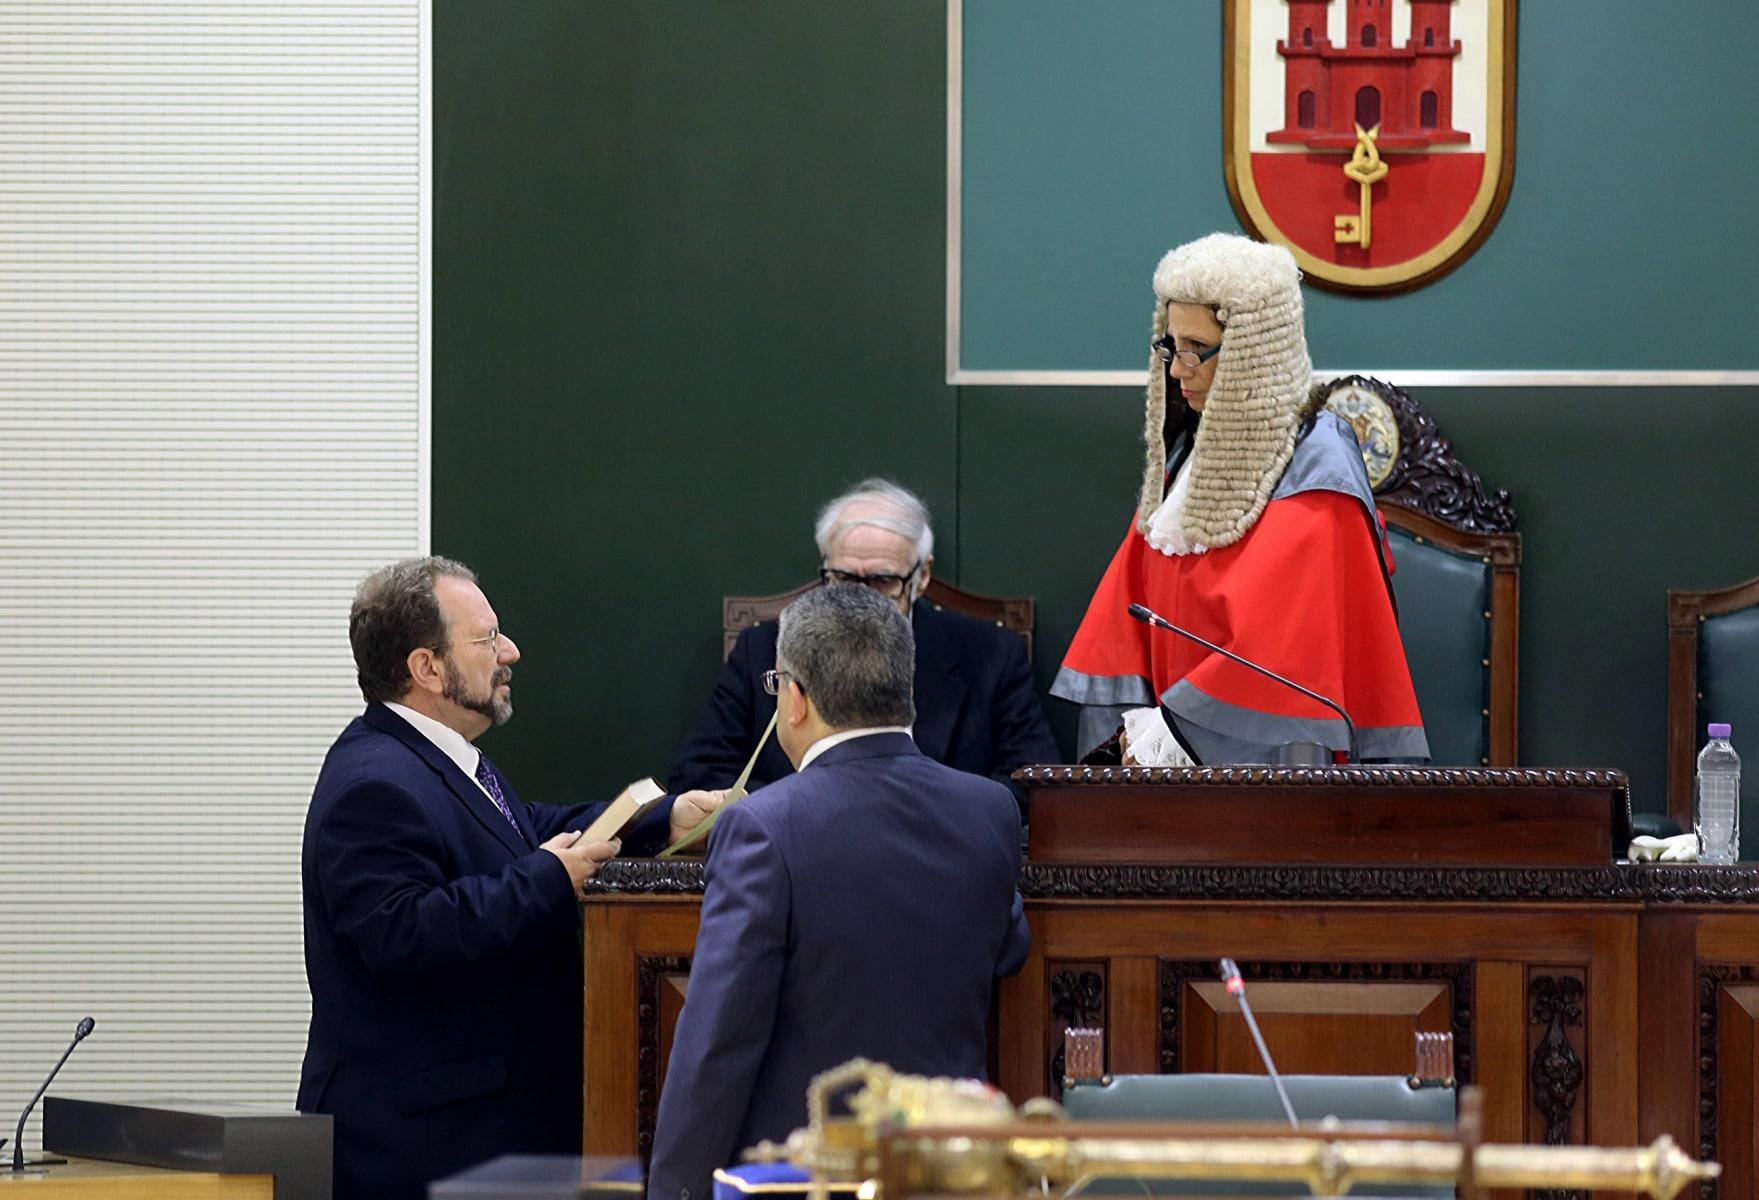 9-de-diciembre-de-2015-ceremonia-inaugural-del-nuevo-parlamento-de-gibraltar_23551779011_o